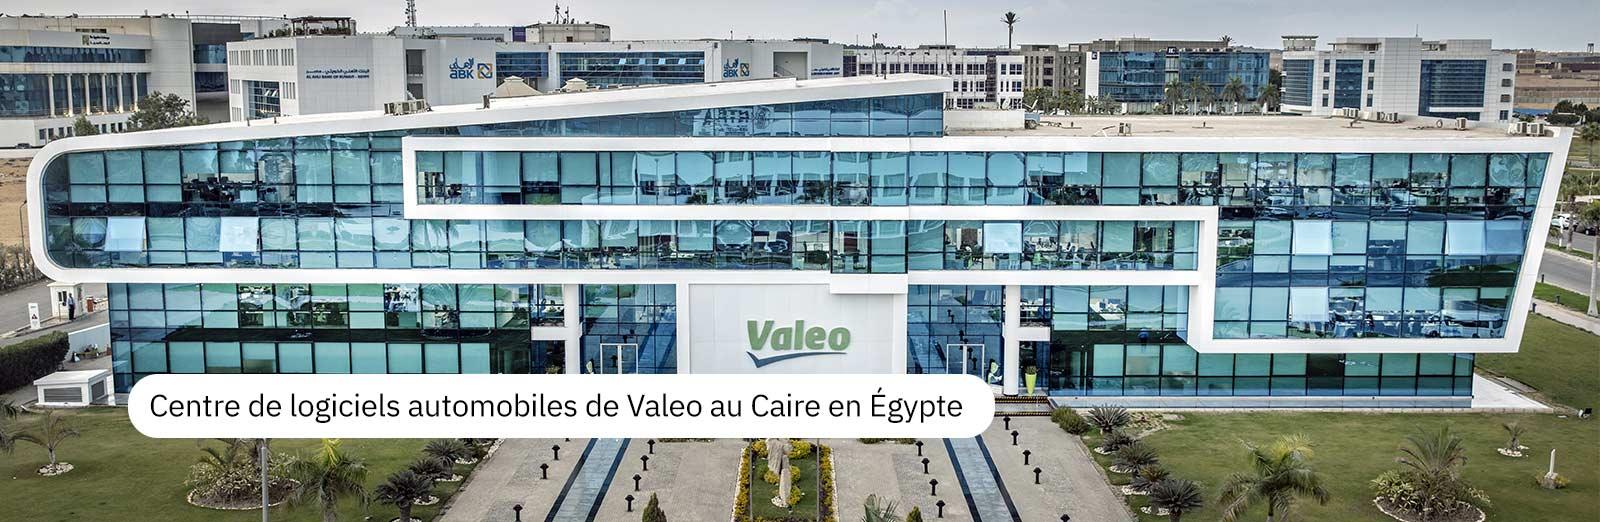 Centre de logiciels automobiles de Valeo au Caire en Égypte